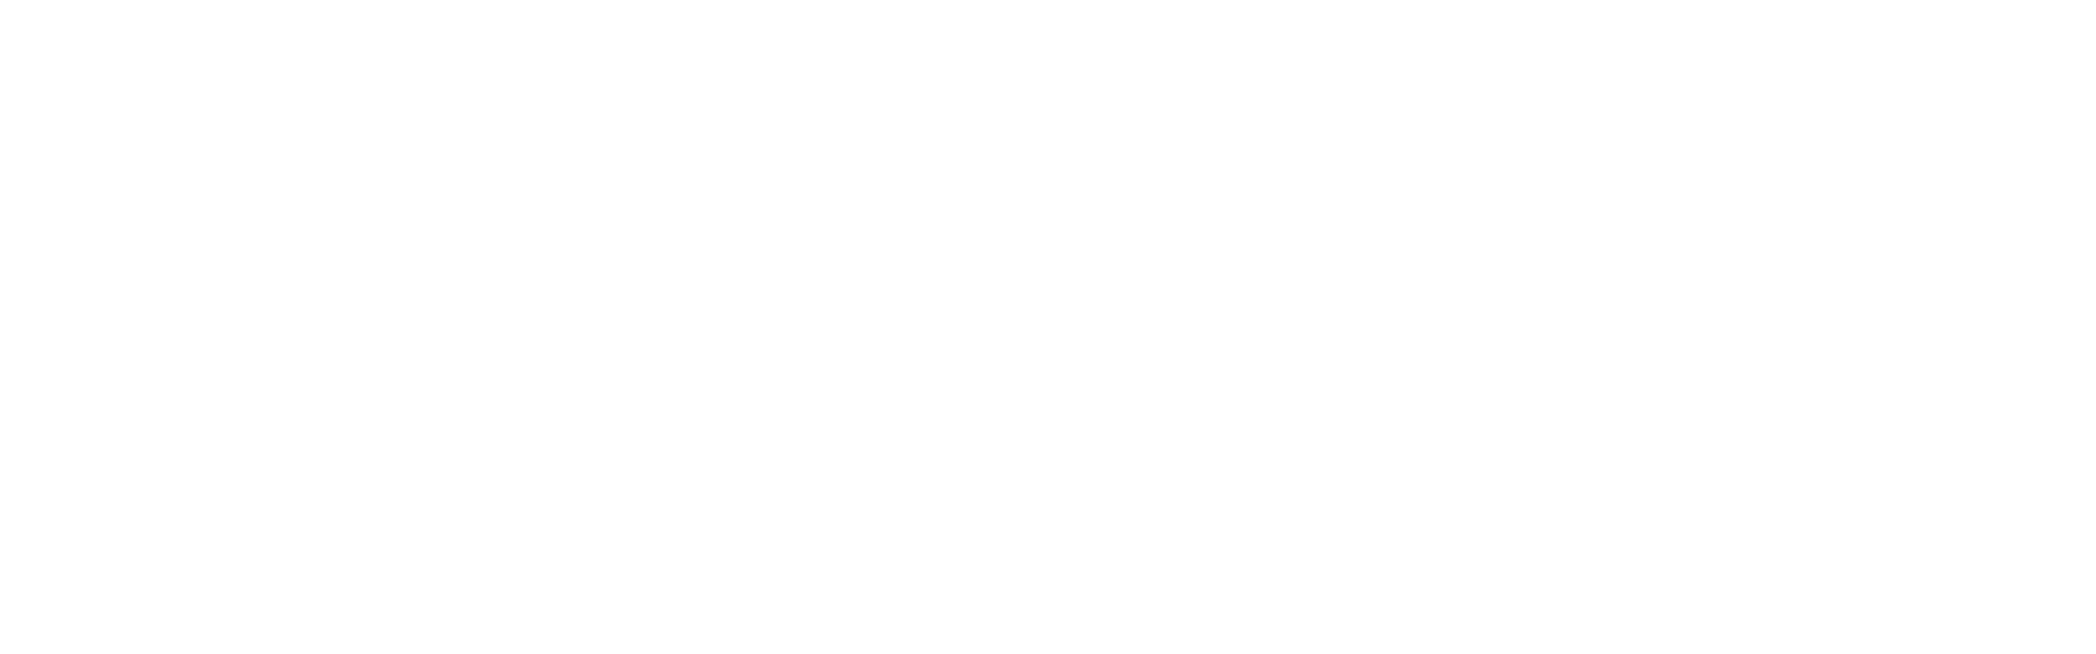 مركز التطوير الرقمي